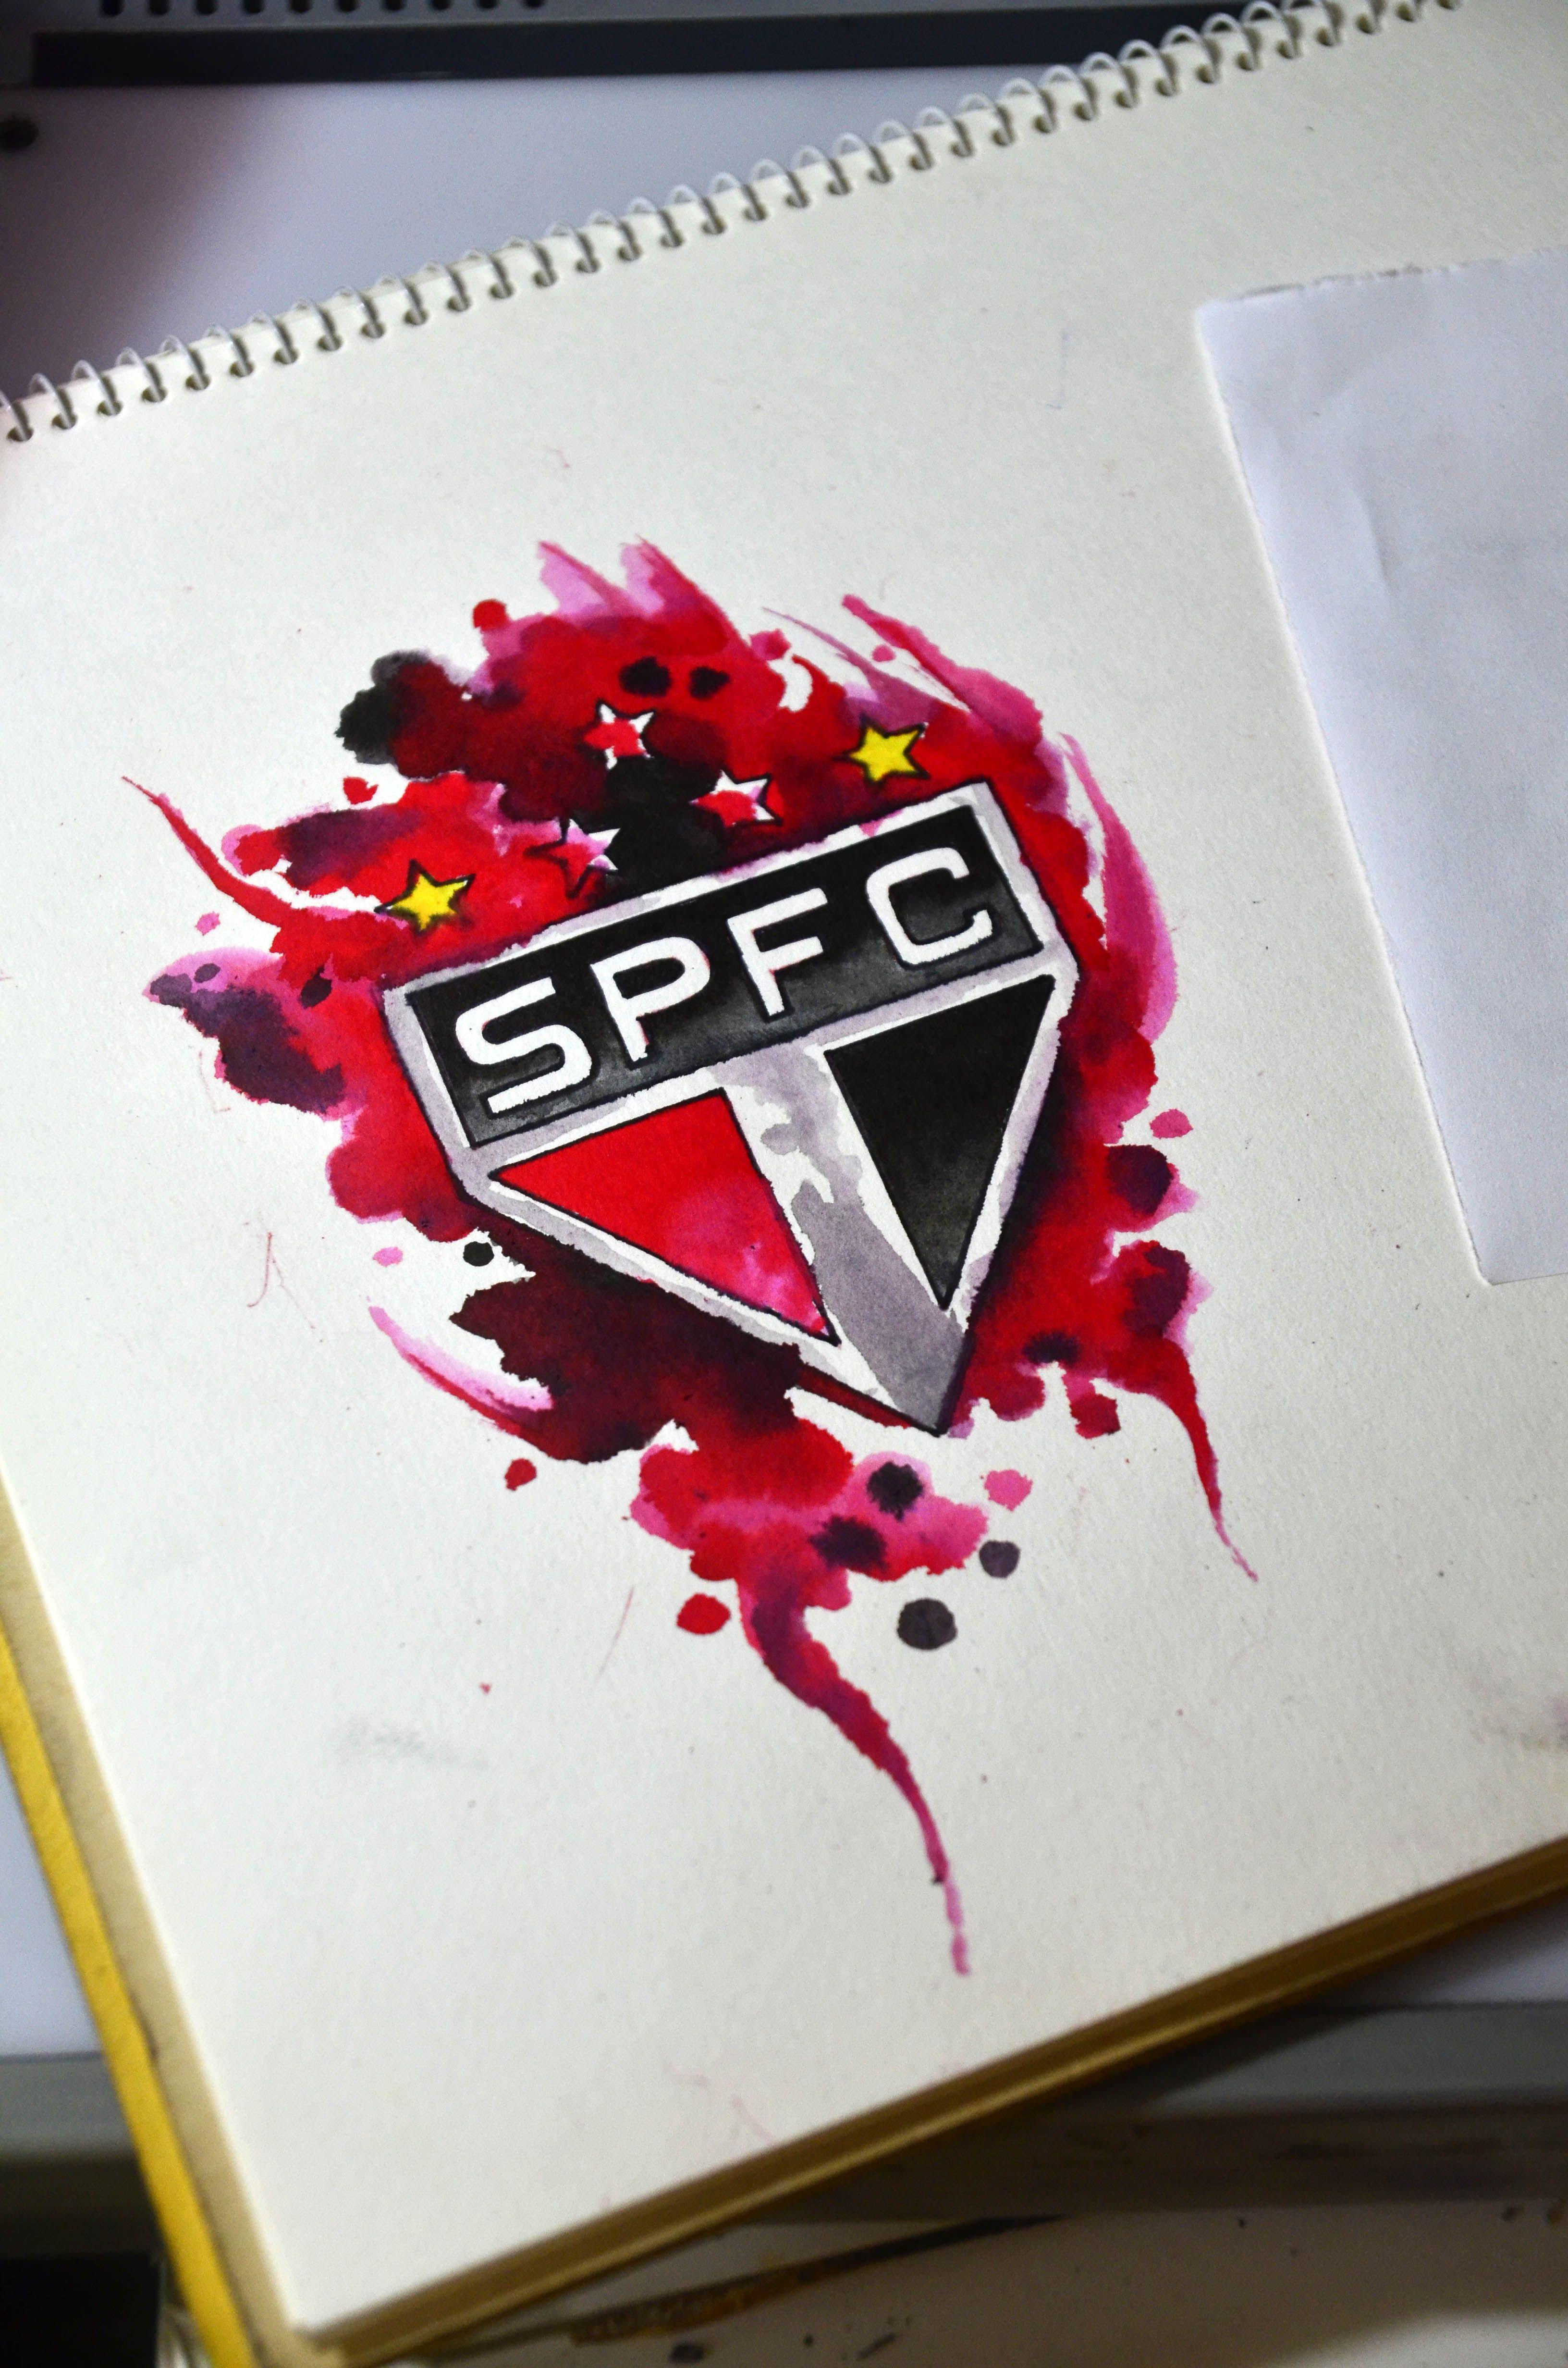 Pin De Severino Manoel Em Sao Paulo Futebol Clube Com Imagens